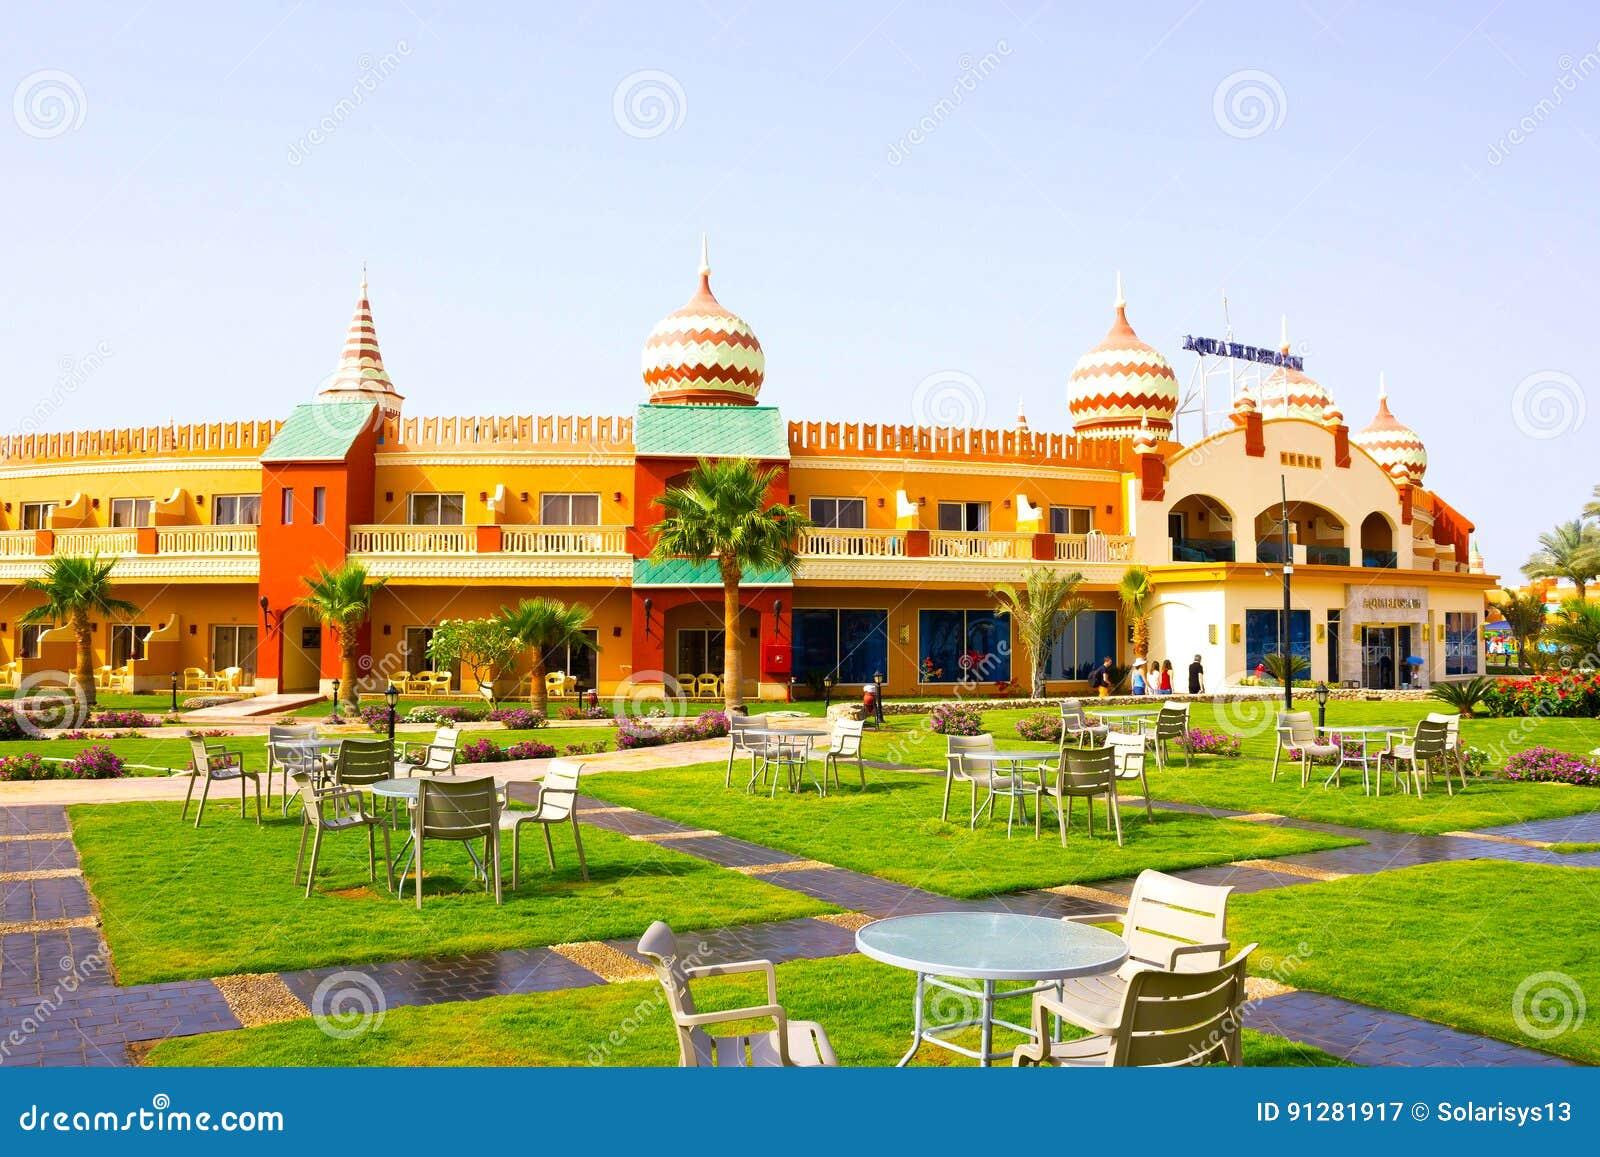 Sharm el Sheikh Egypten - April 10, 2017: Sikten av det lyxiga hotellet AQUA BLU Sharm 5 stjärnor på dagen med blå himmel